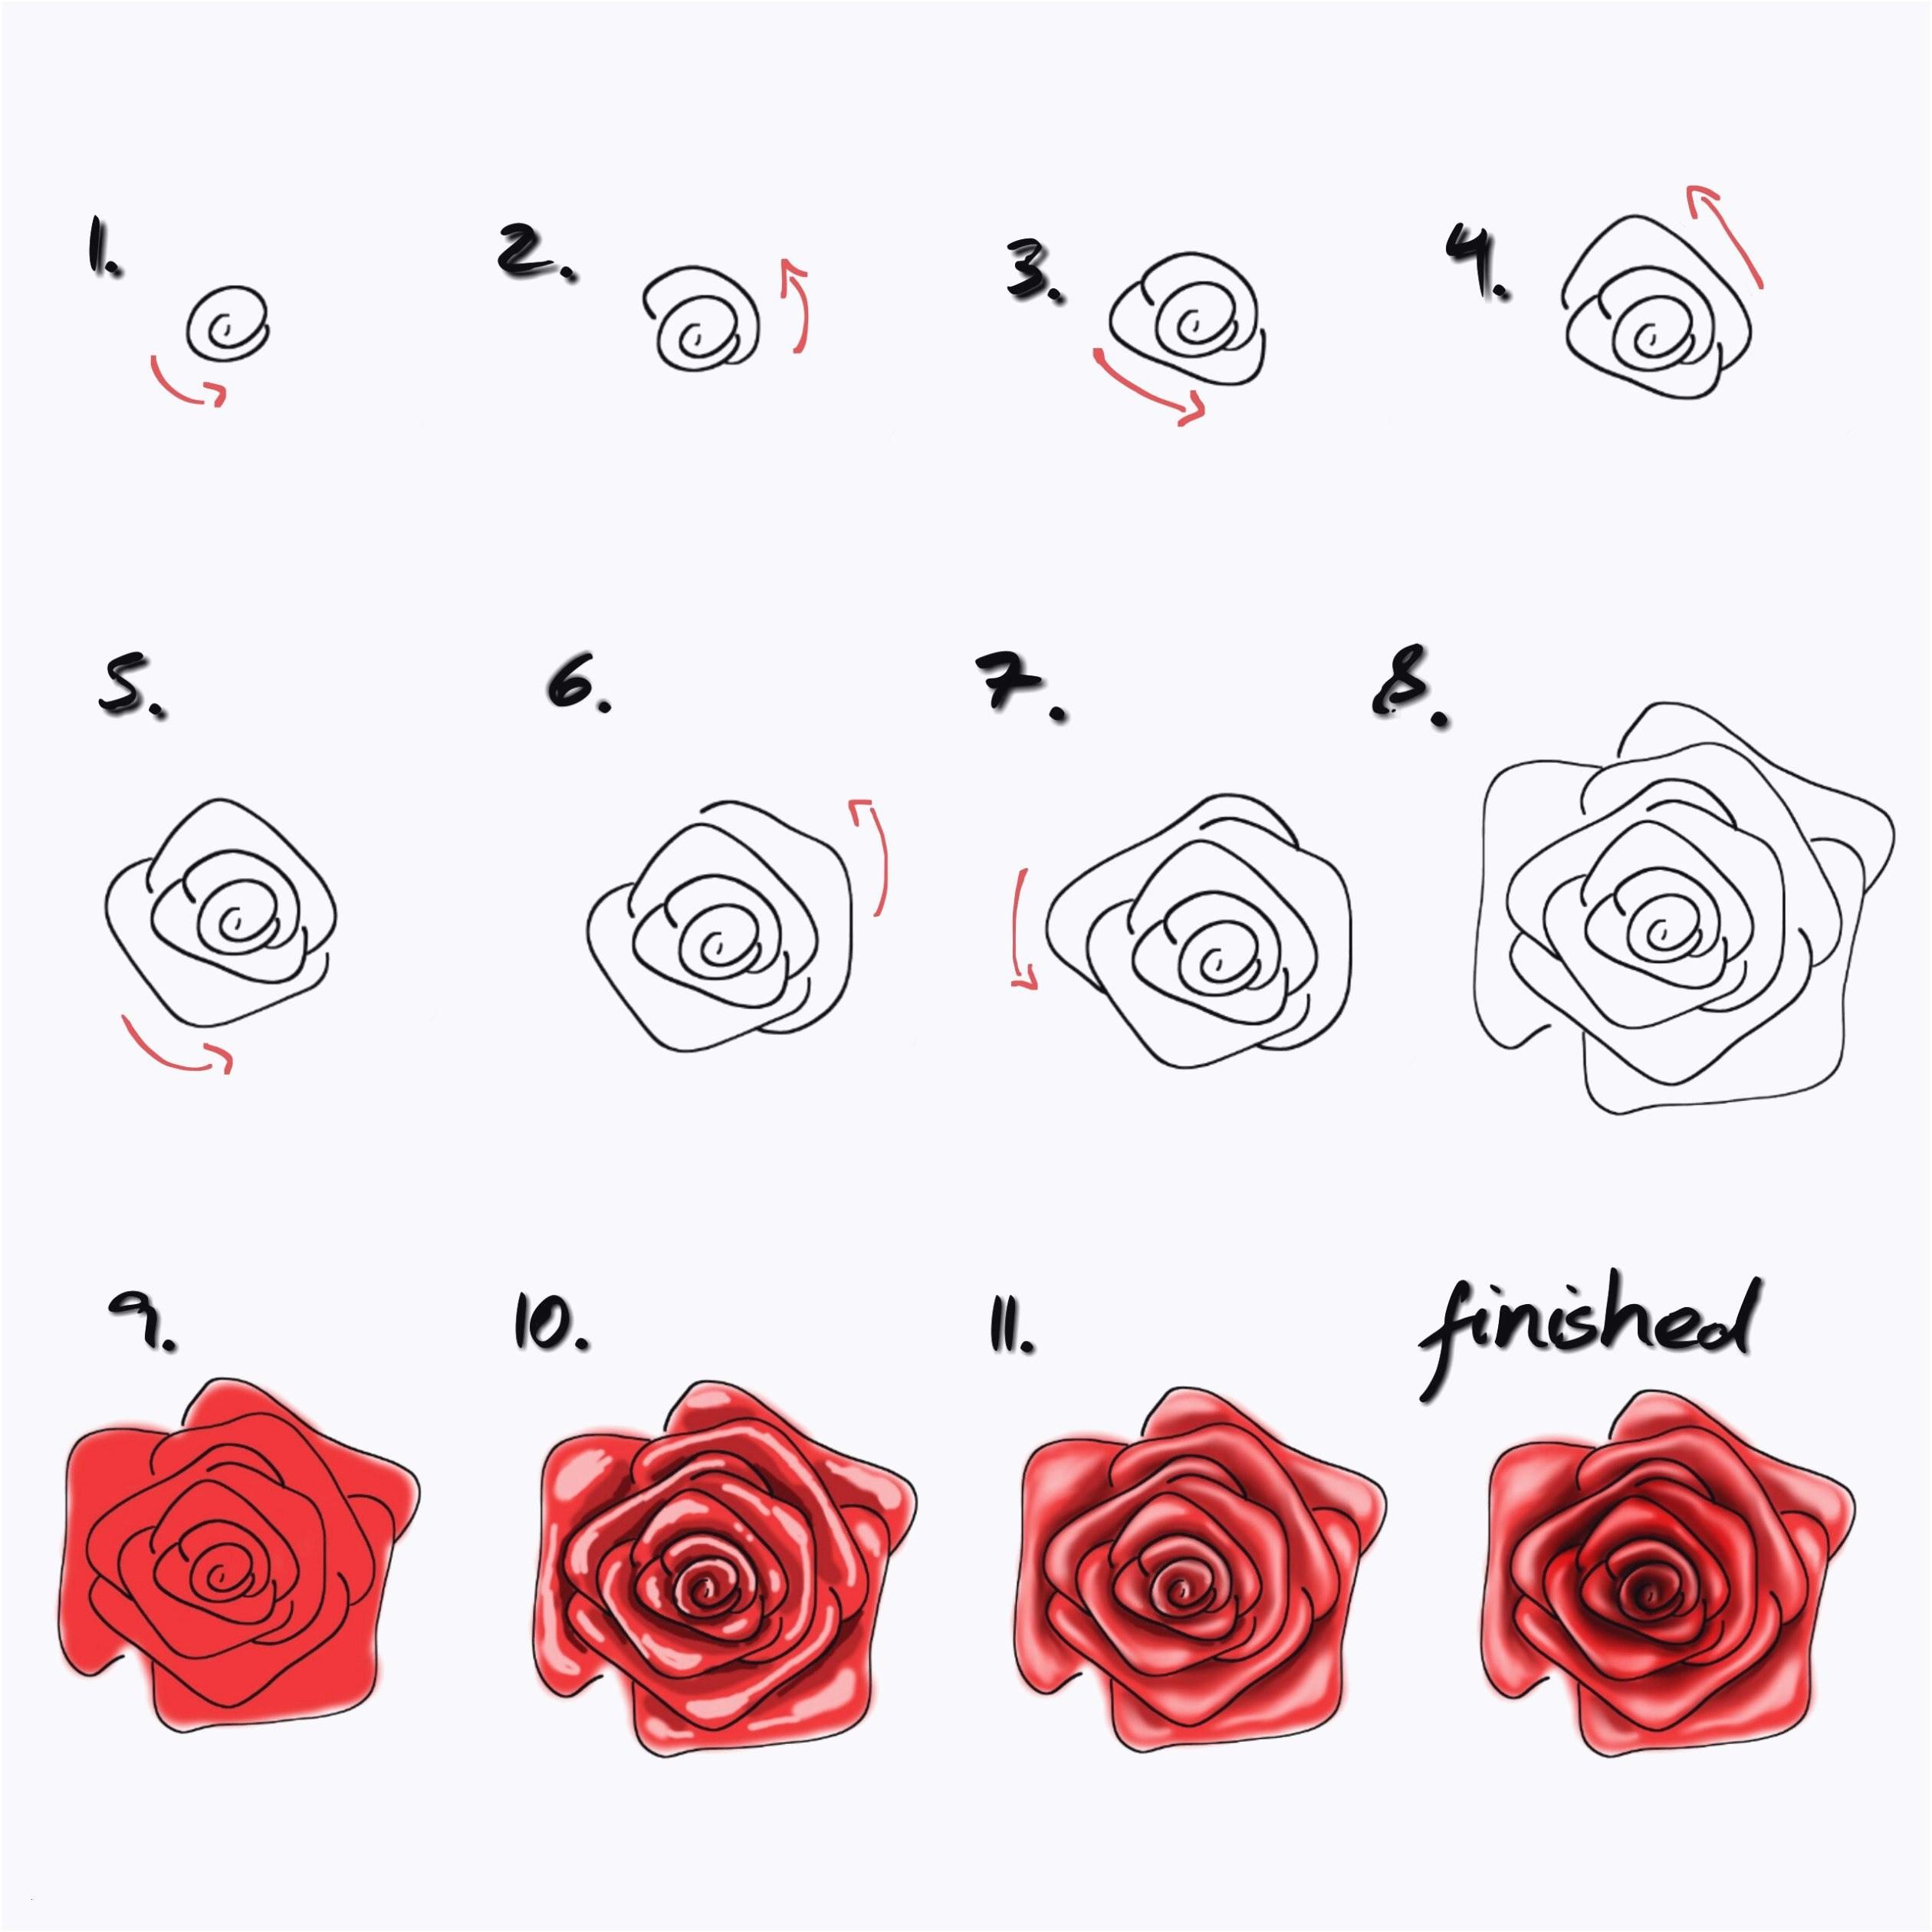 Rosen Zum Ausmalen Genial Rose Ausmalbilder Einzigartig 32 Malvorlagen Blumen Rosen Bilder